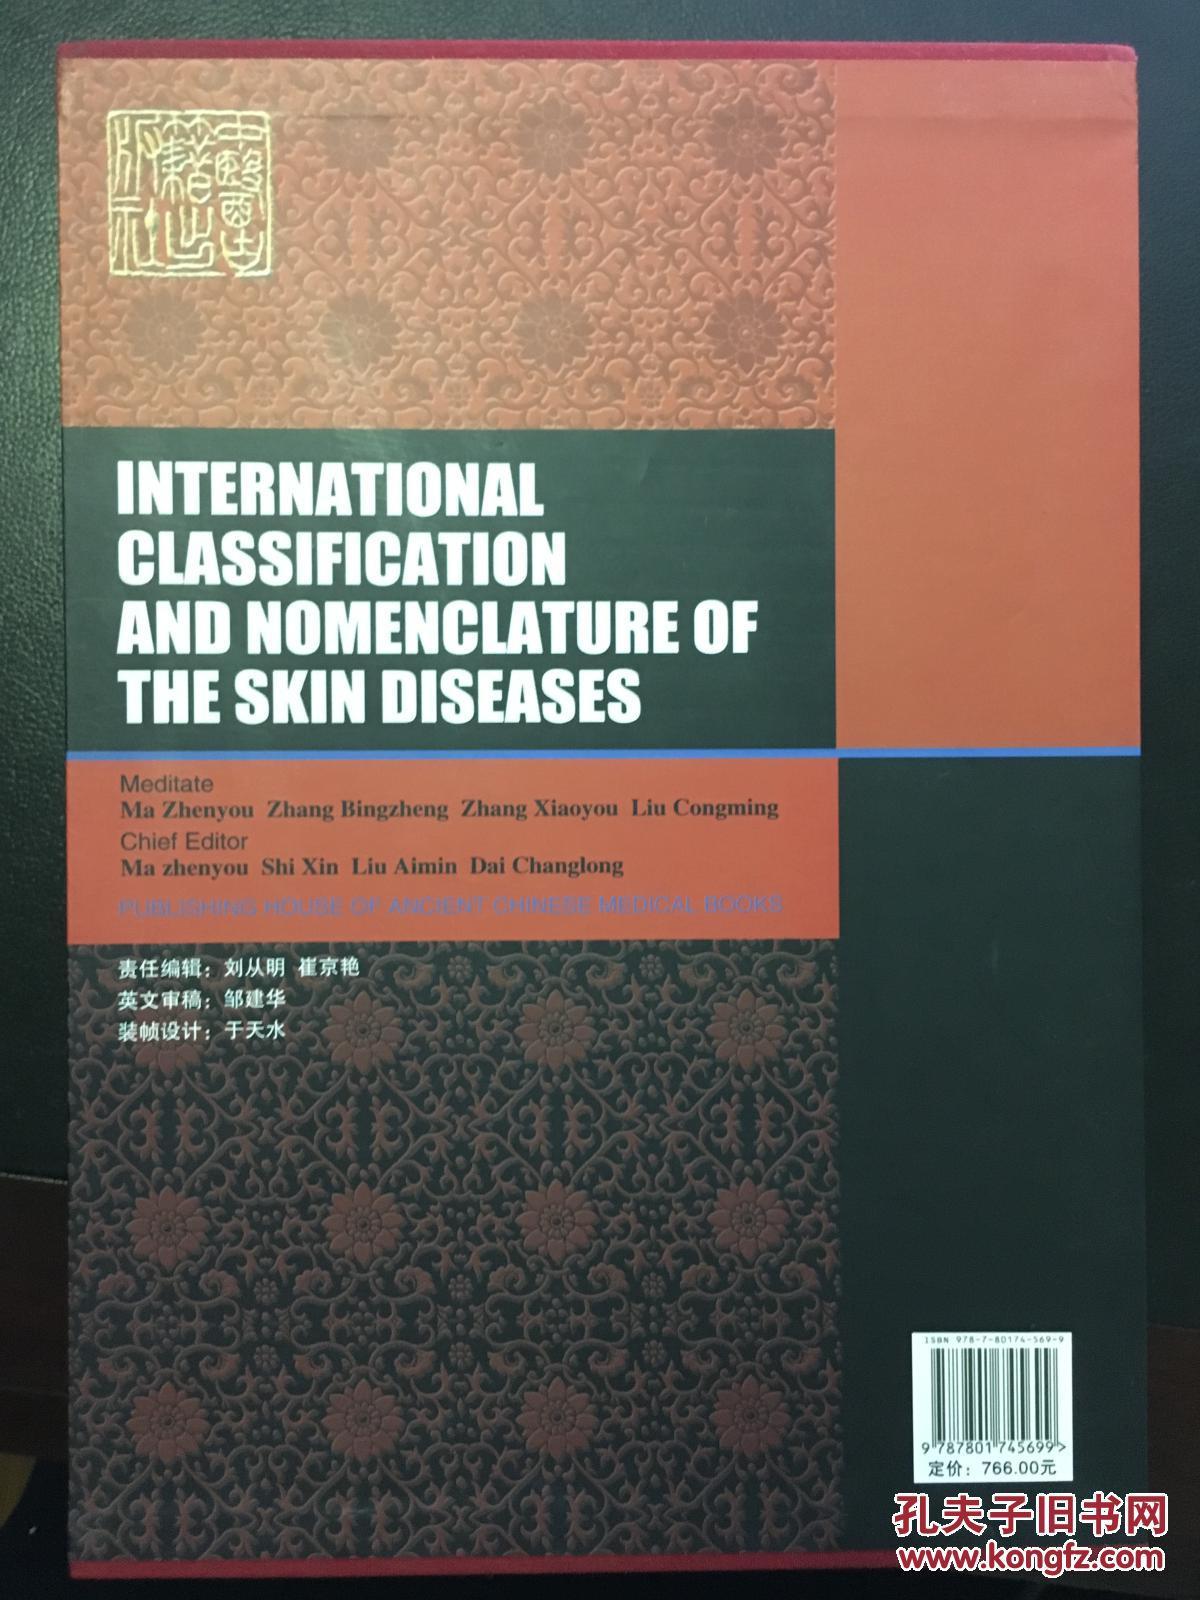 皮肤病的种类囹�a_国际皮肤病分类与名称【典藏版】